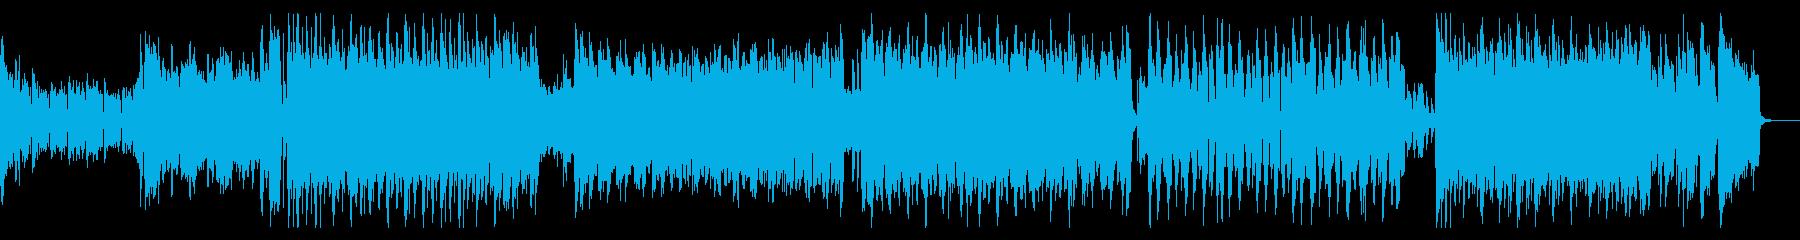 近代的でインパクトあるテクノサウンドの再生済みの波形